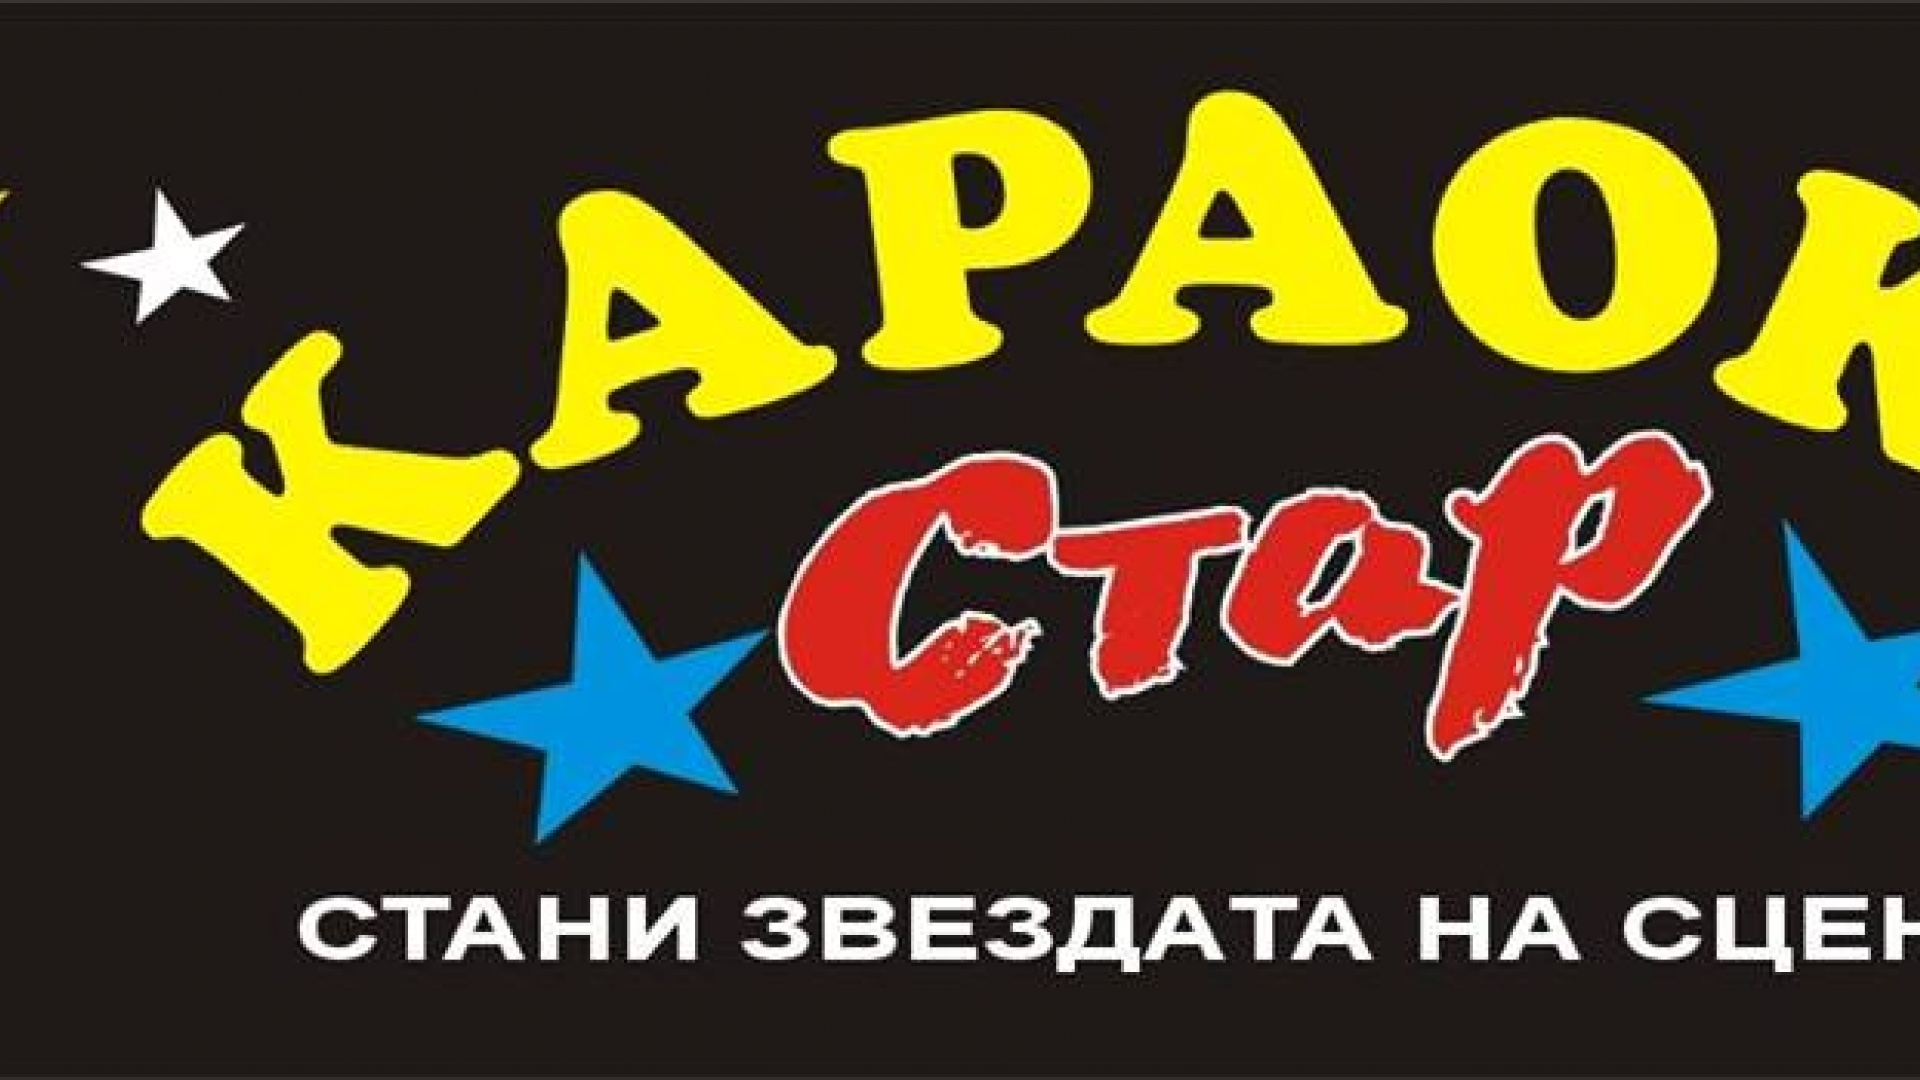 Програма на концертния сезон в Караоке Стар - м. ноември и декември, 2017